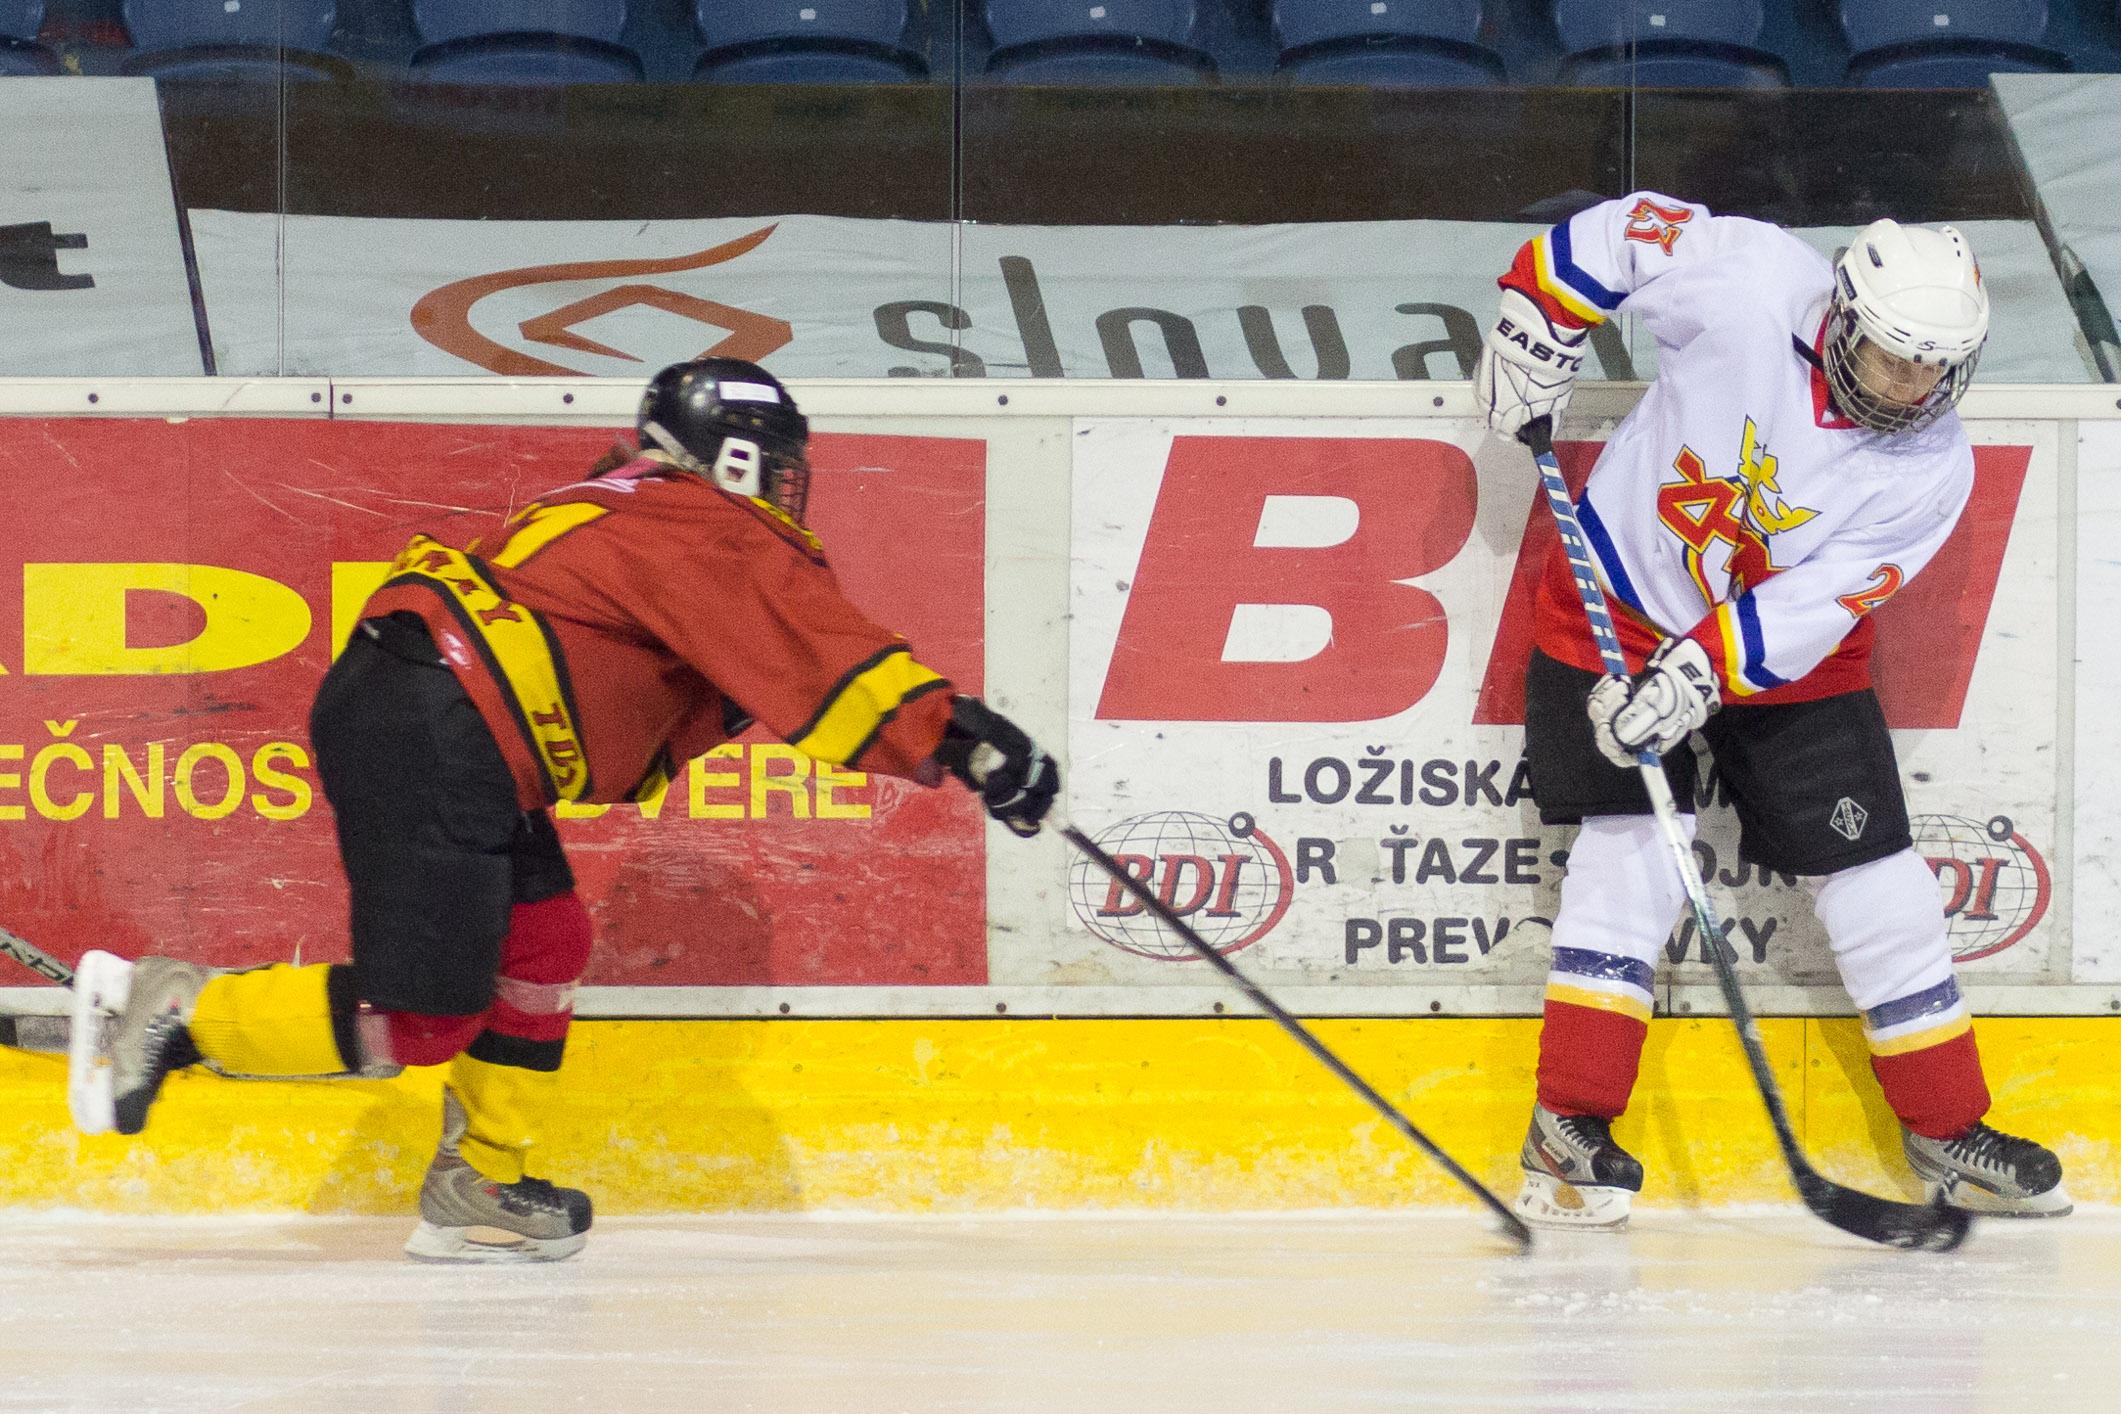 zhkm-zvolen-hc-topolcany-2013-hokej-1